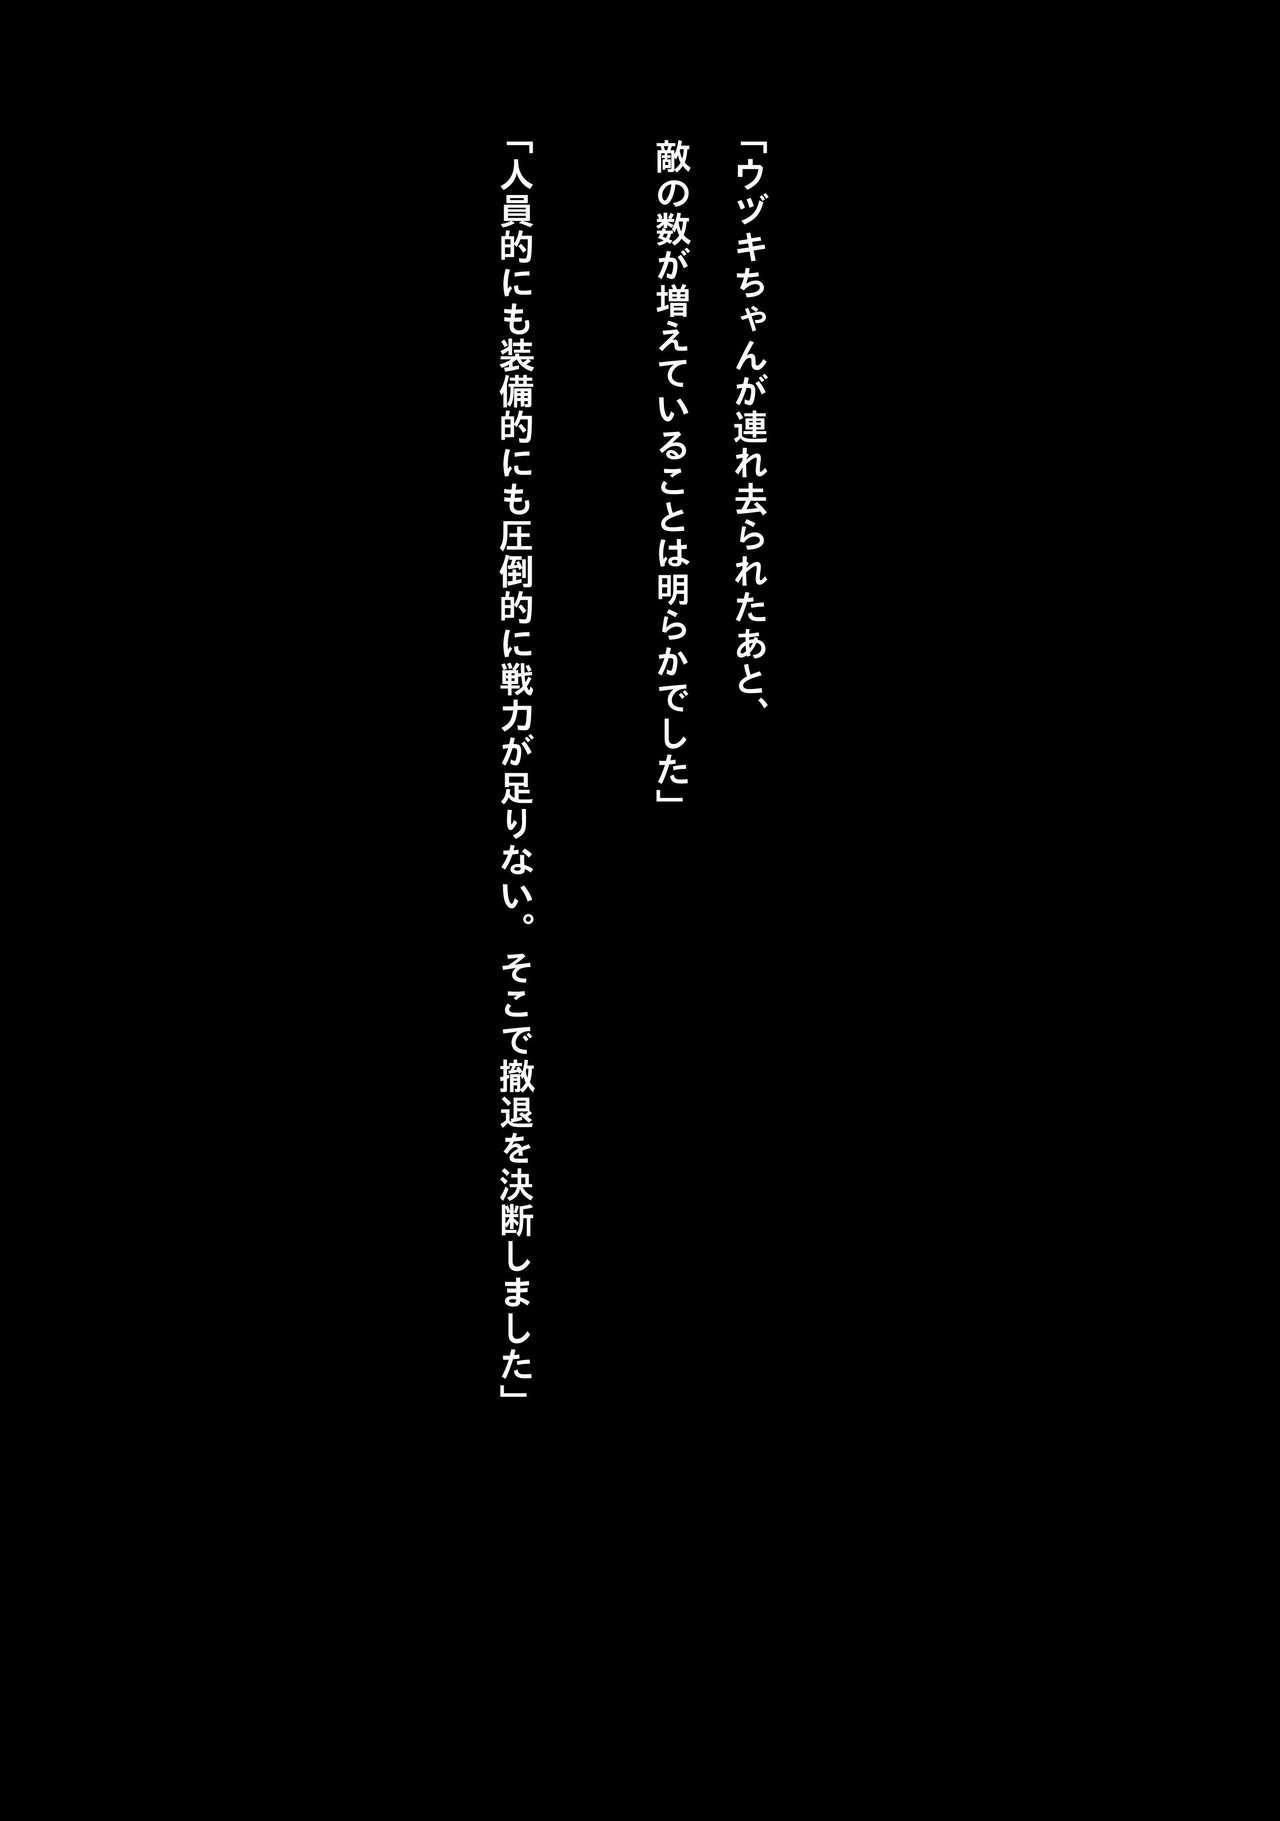 Idol Cyber Battle NEO GENERATOR episode 3 Seisan! Shi o kakugo shita shunkan 28